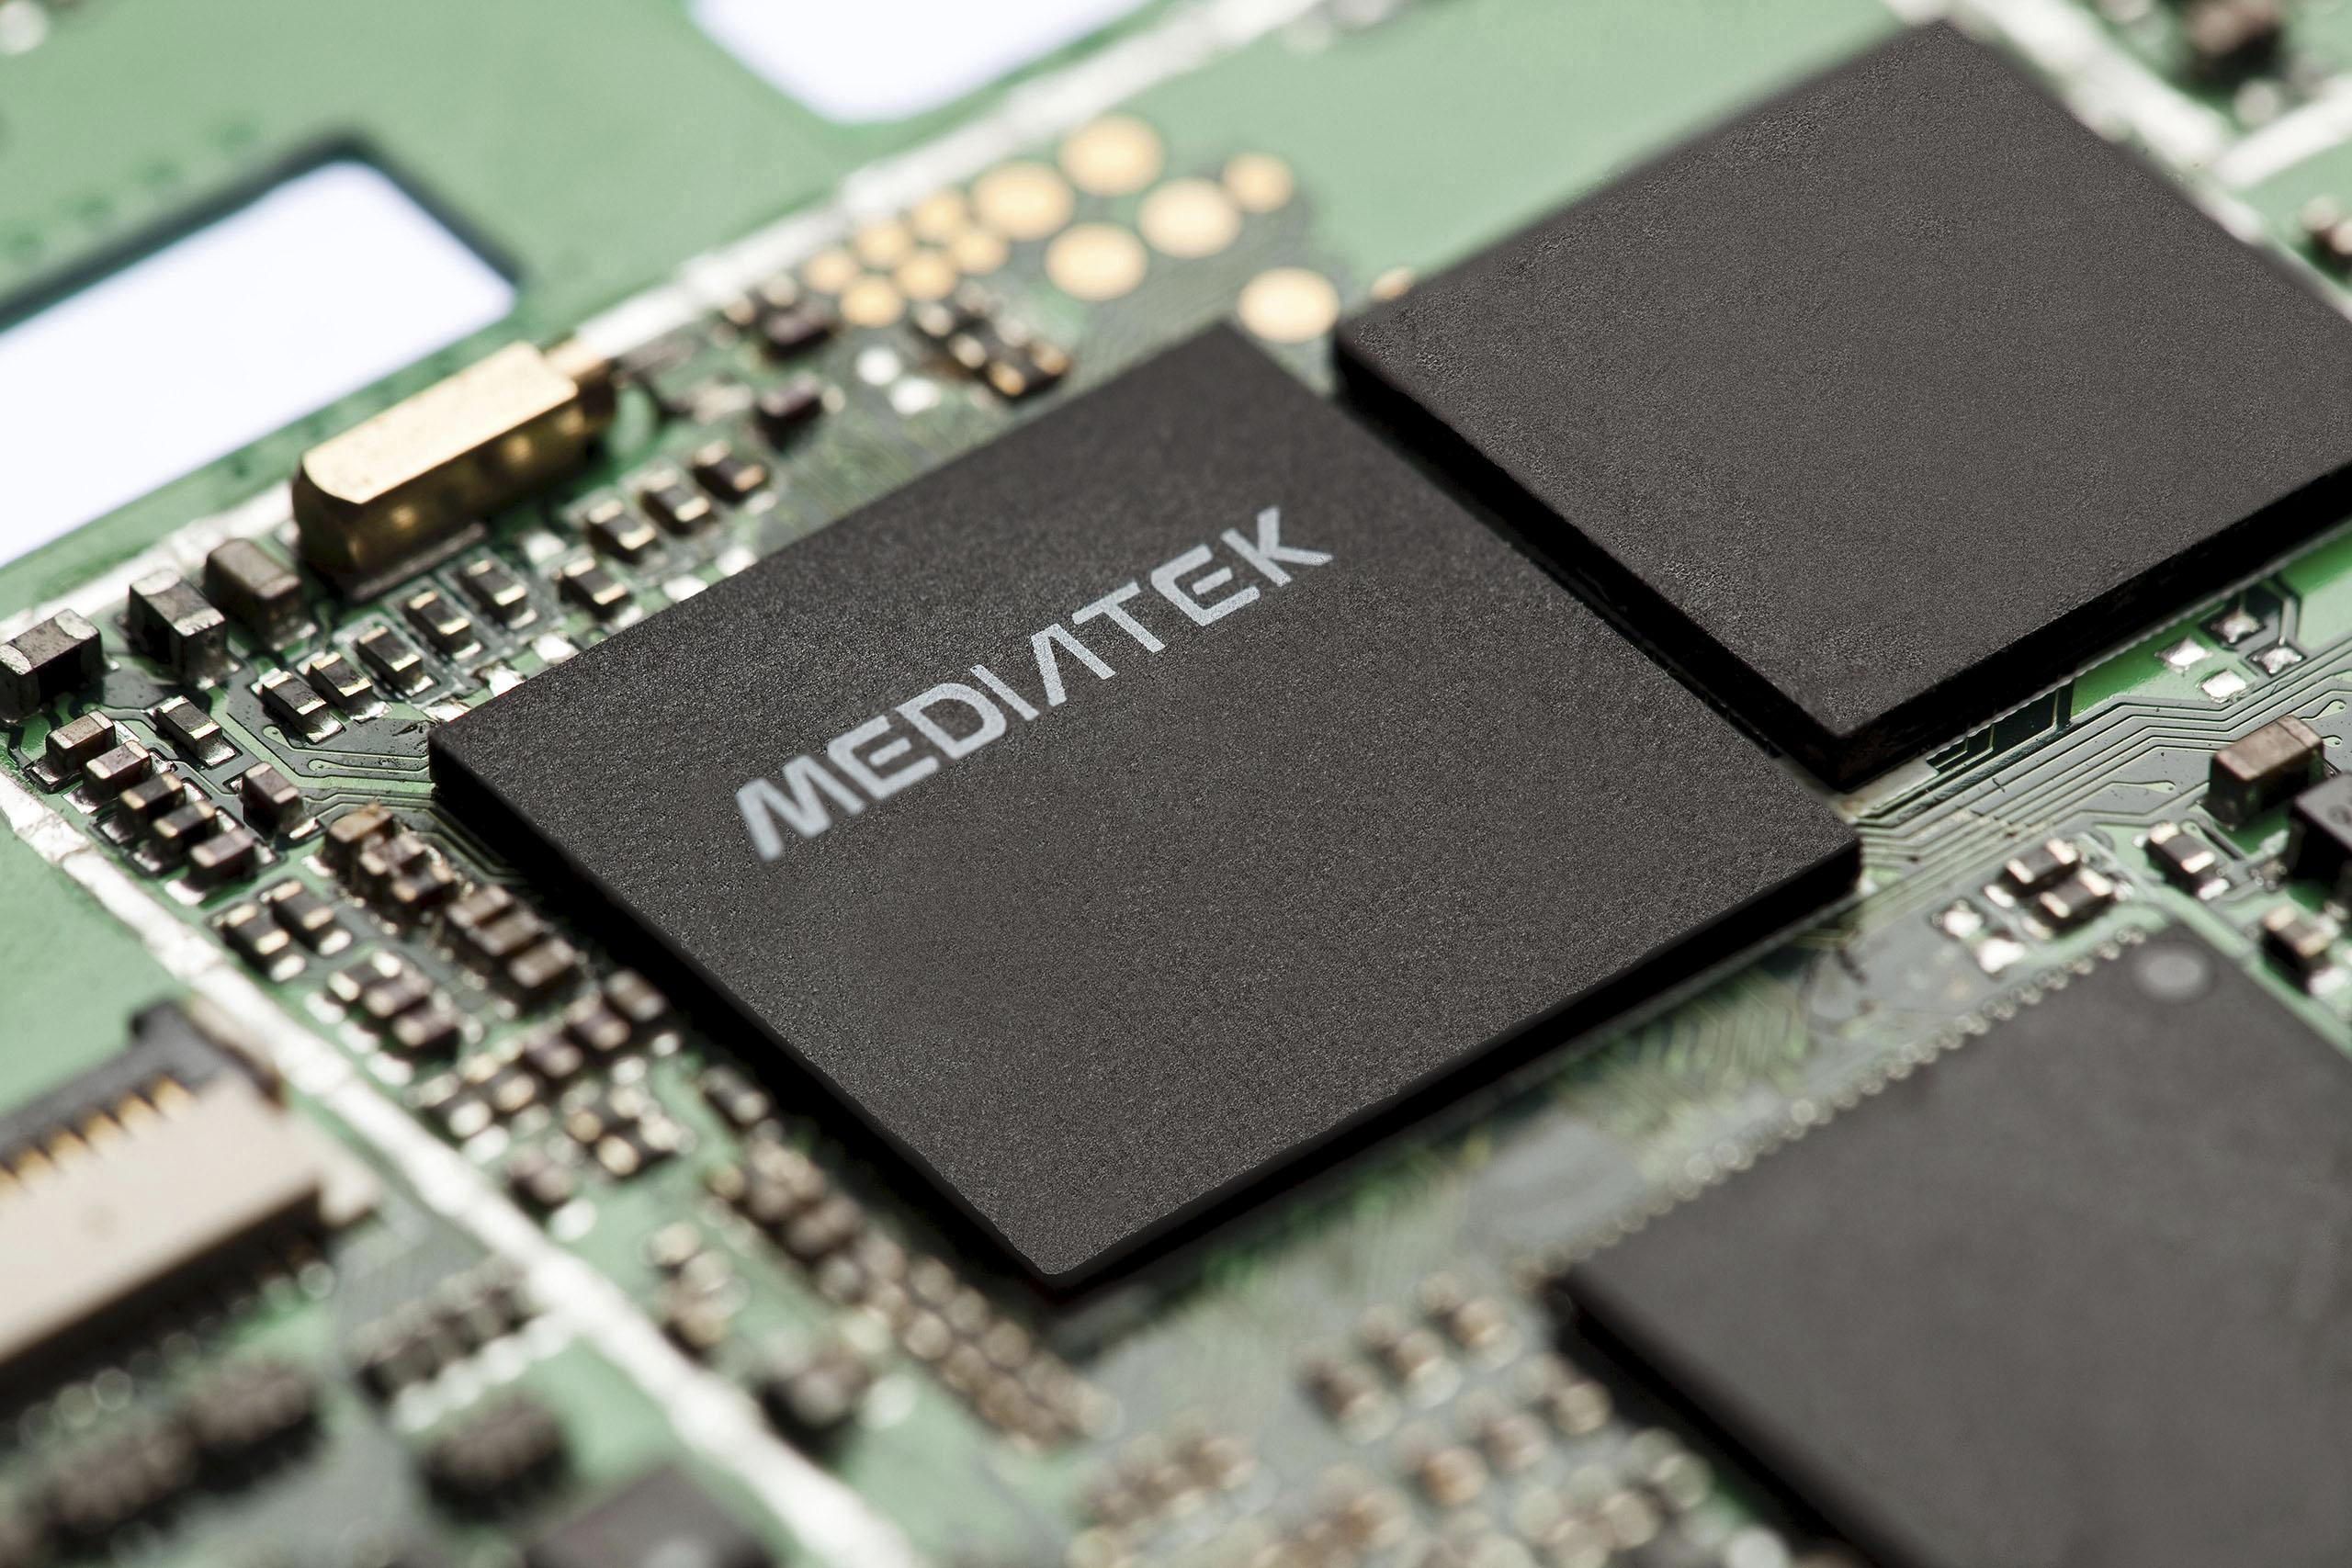 MediaTekb